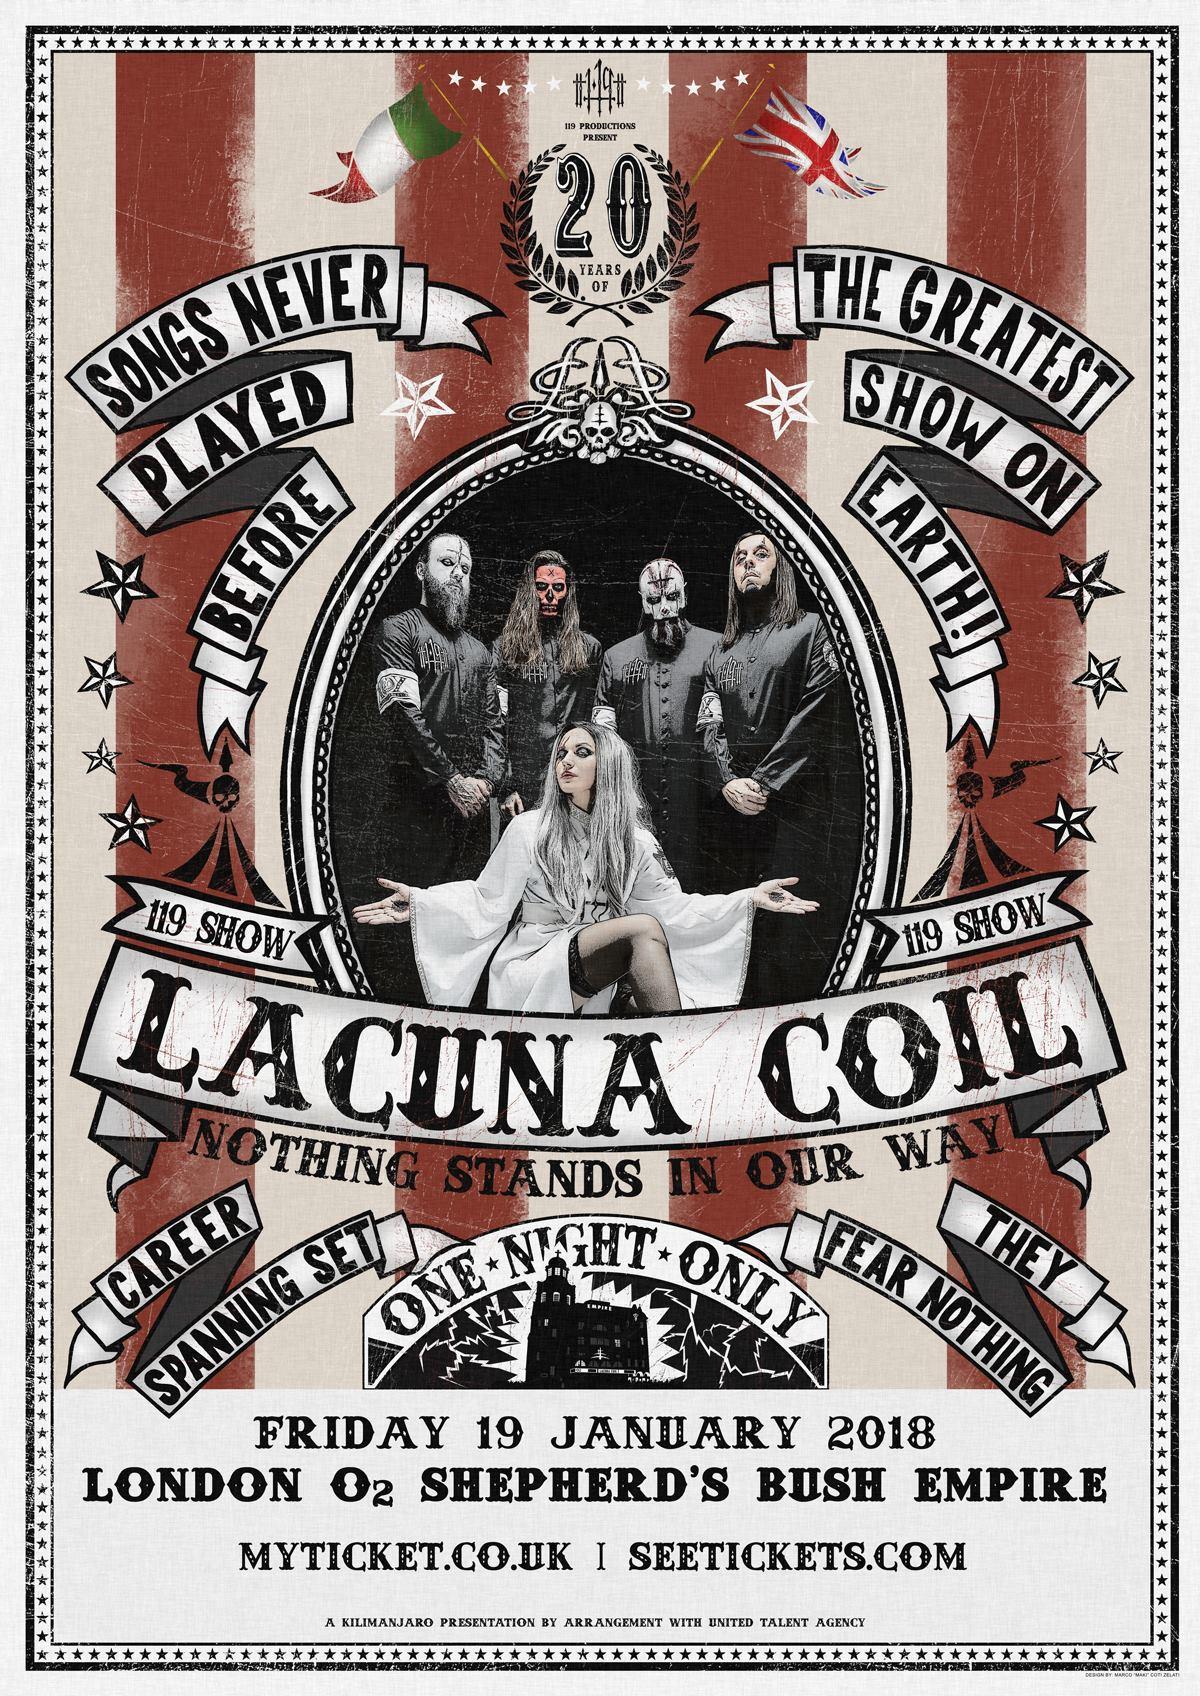 Lacuna Coil celebrará su 20 aniversario con show especial